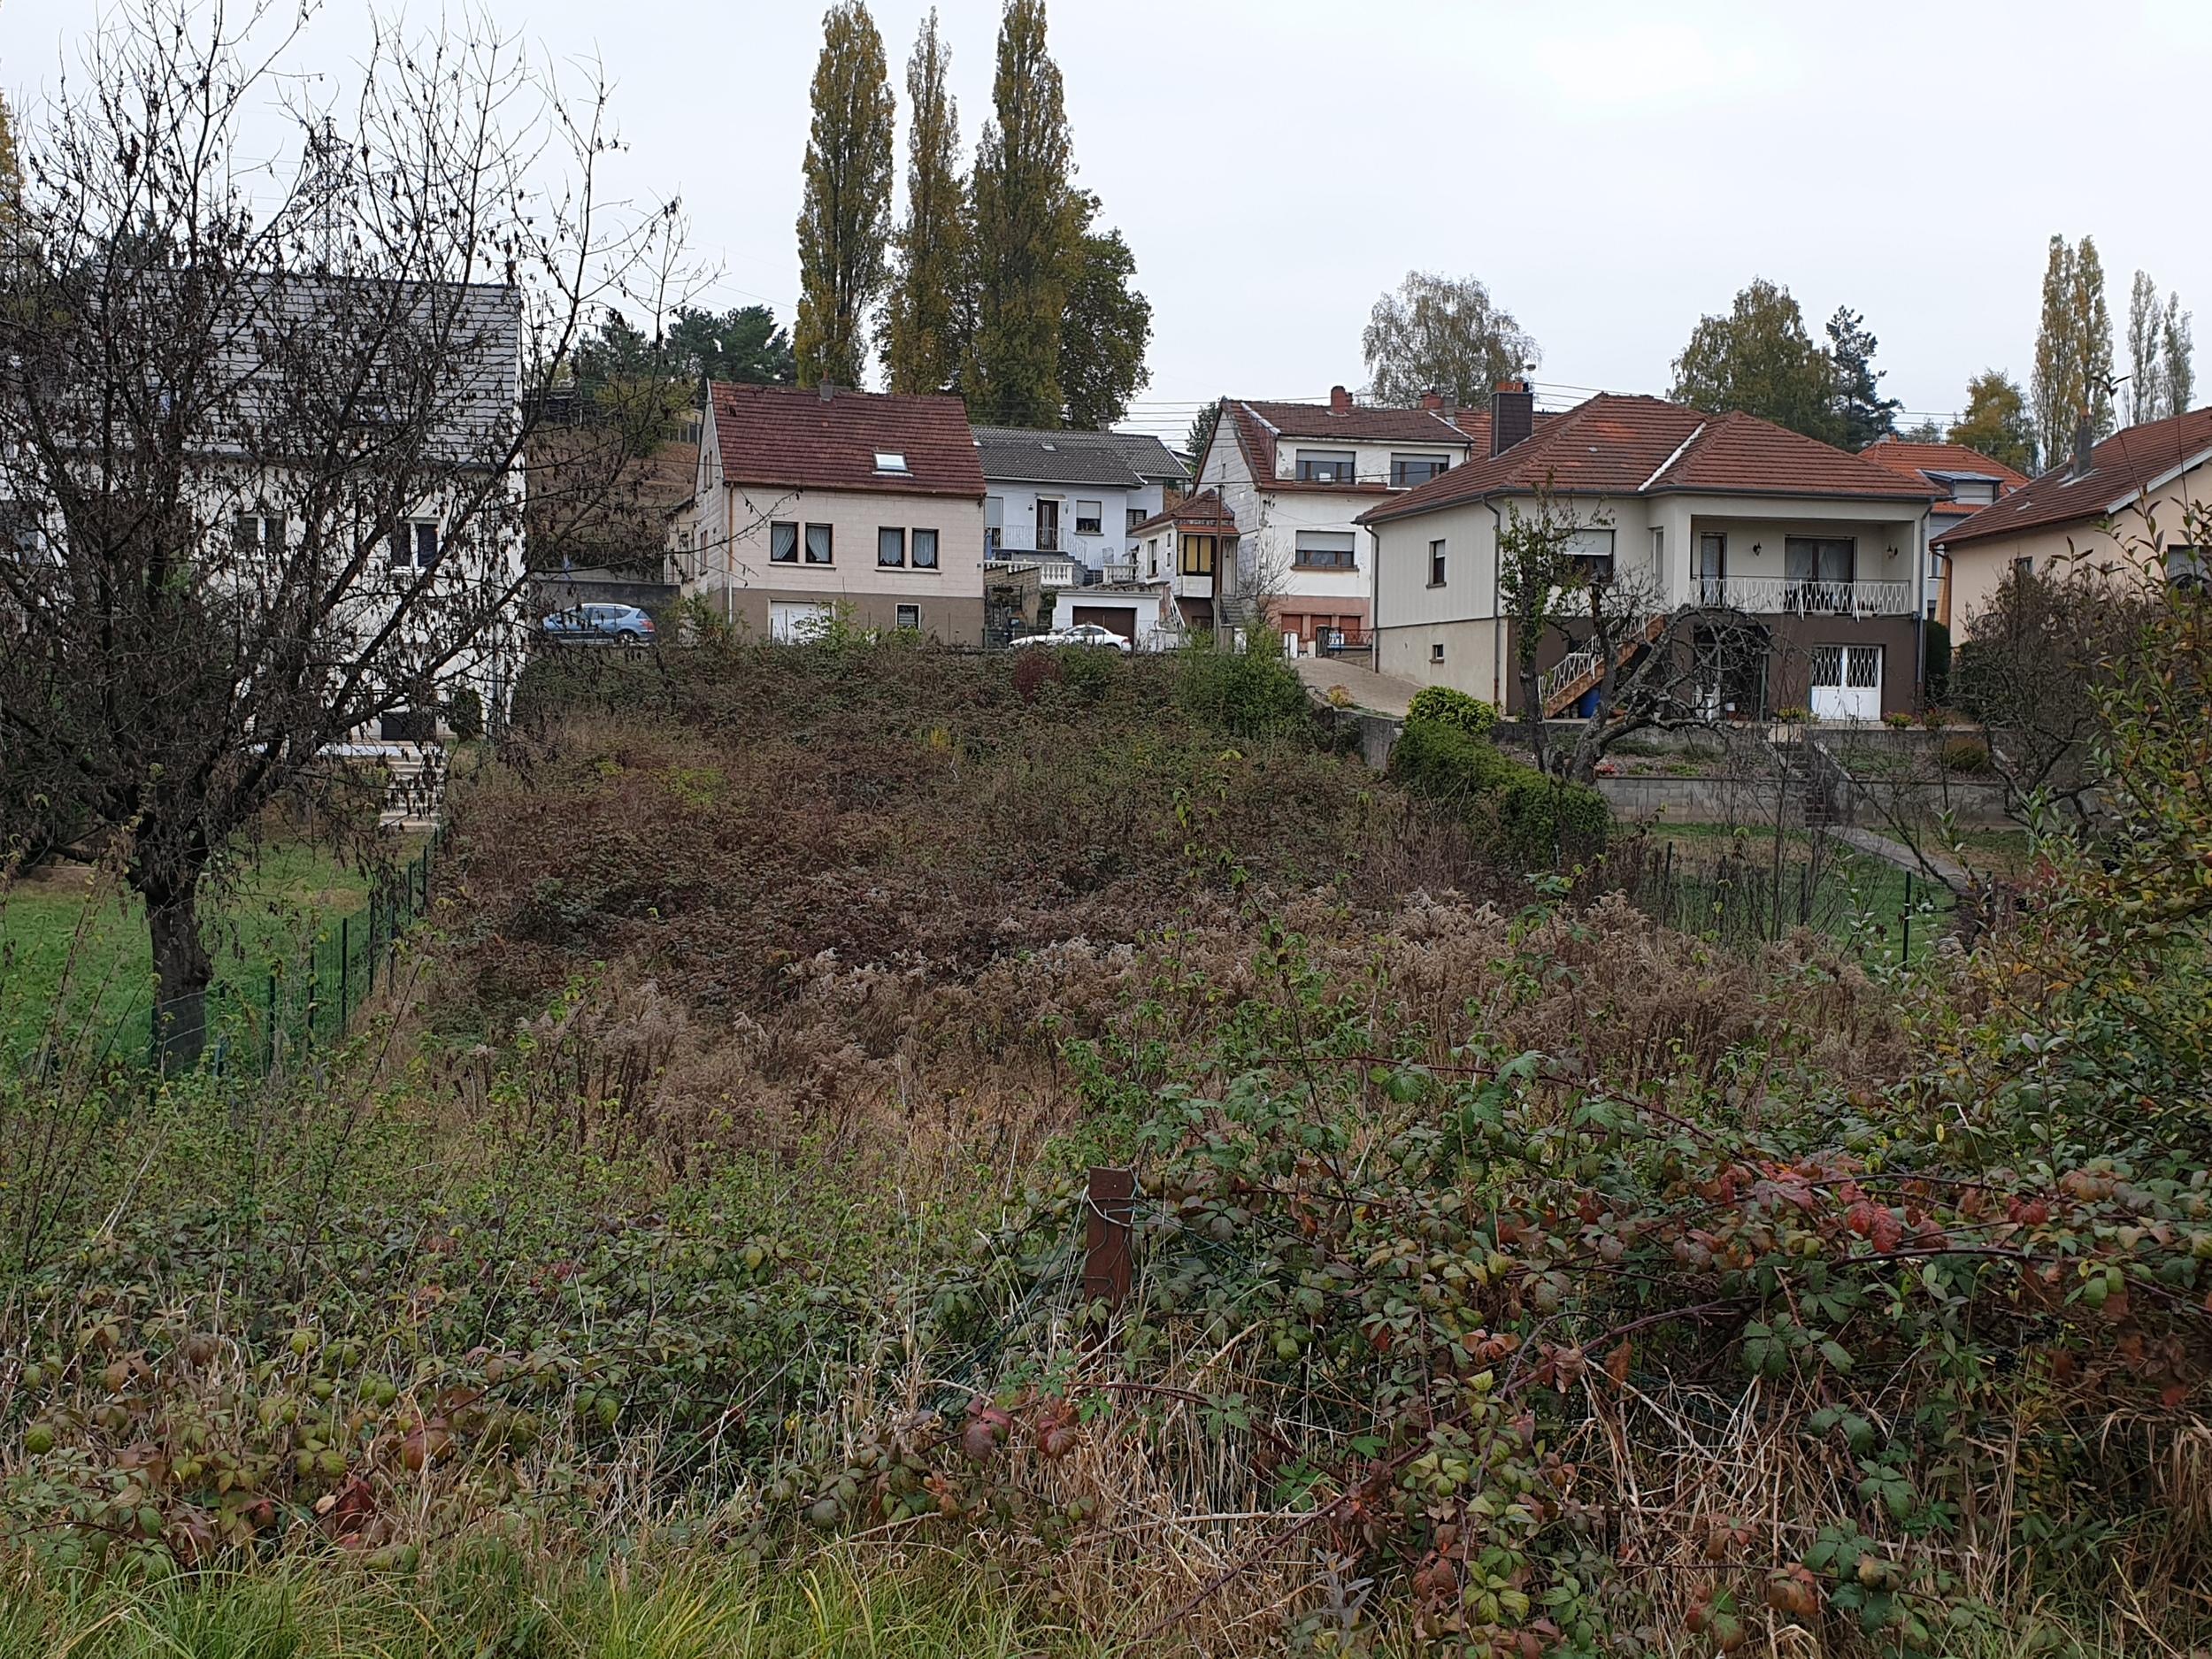 vente terrain Forbach Forbach 57600